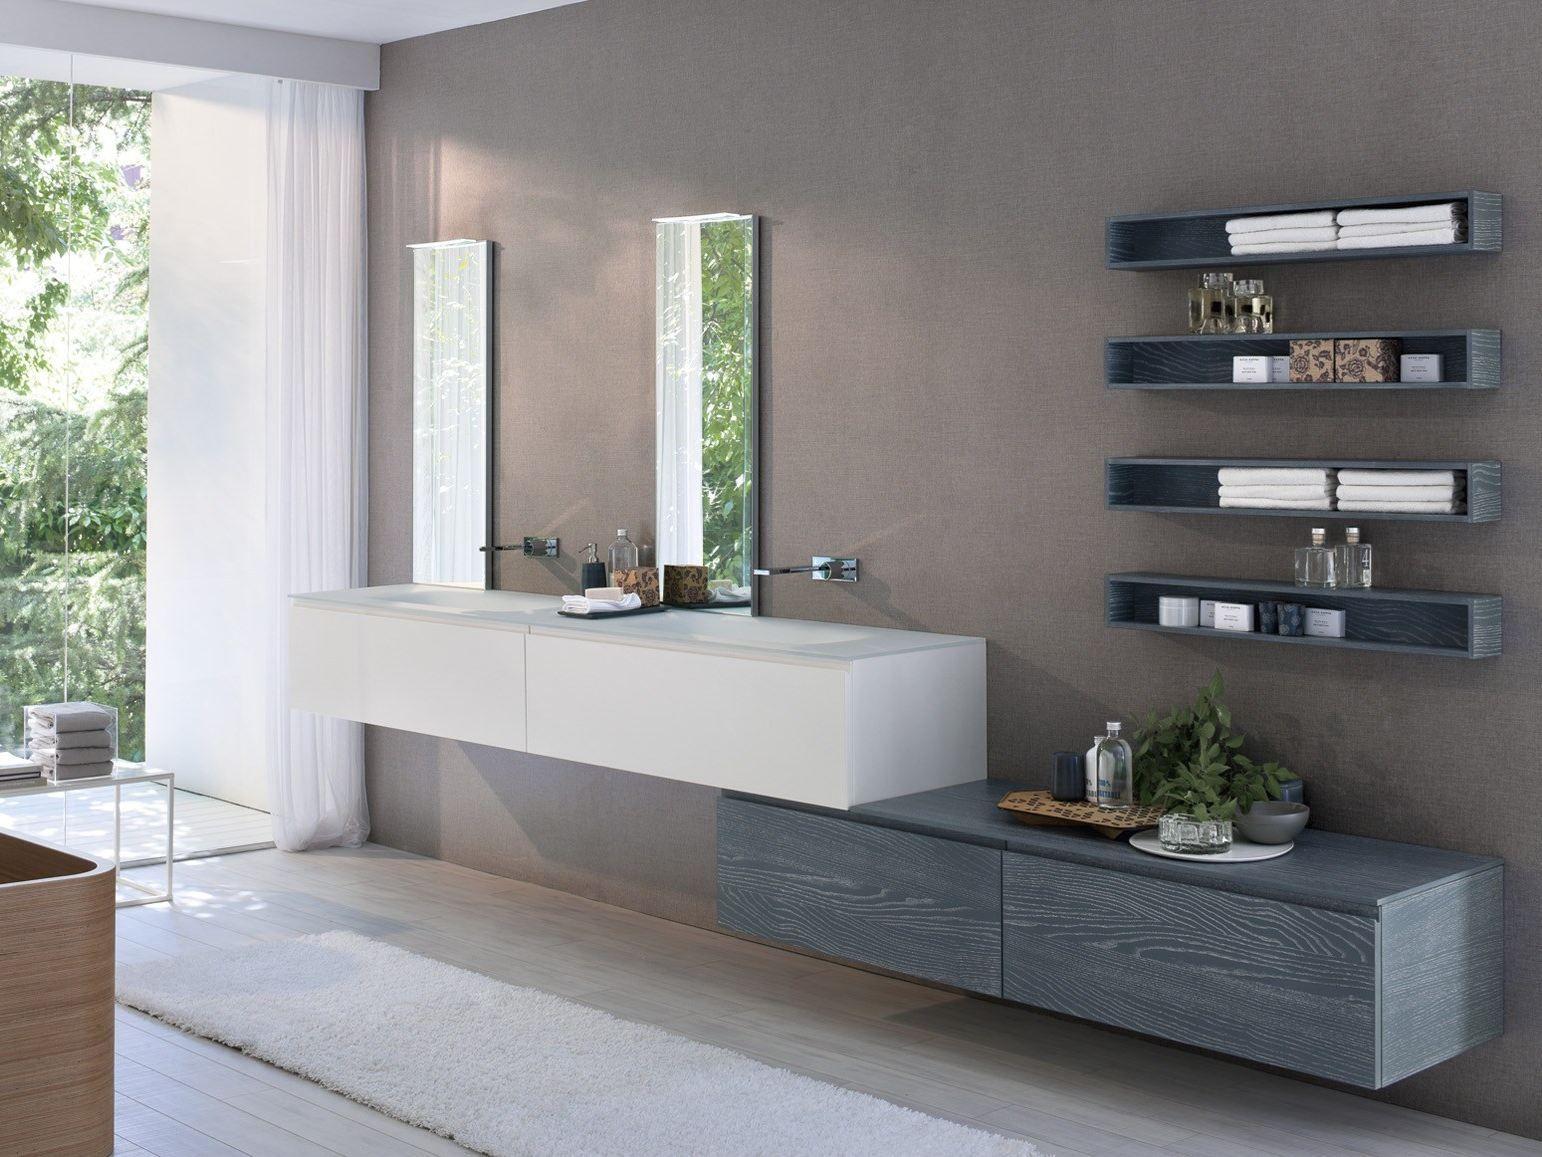 arredi ed illuminazione per bagno prodotti ideagroup archiproducts